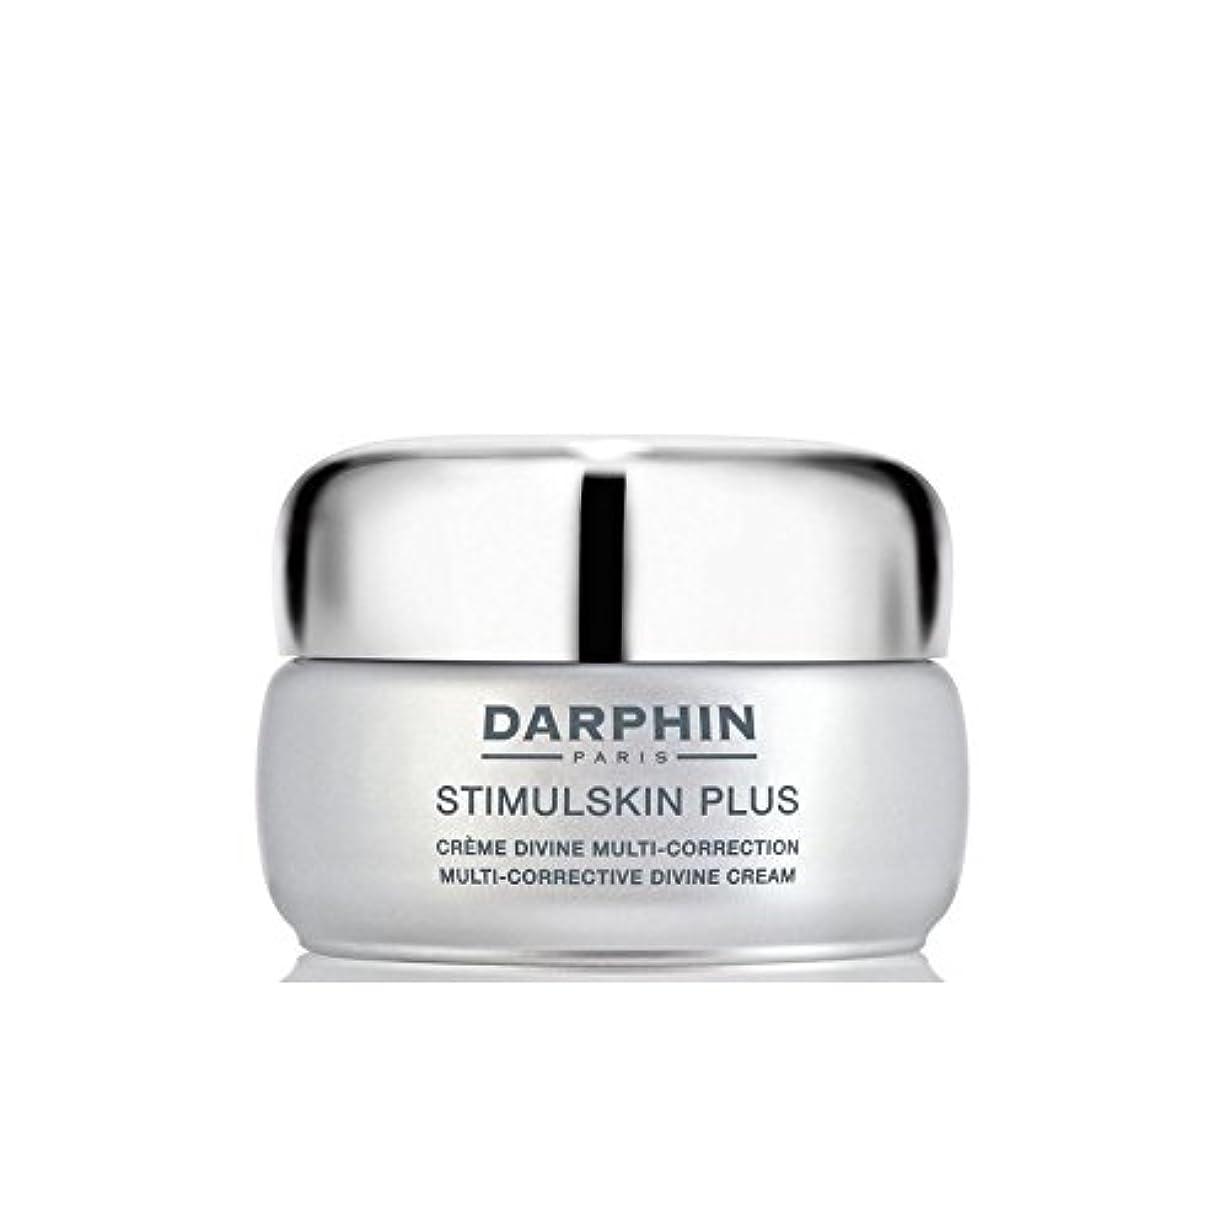 酸度なぜなら直感ダルファンスティプラスマルチ是正神クリーム - 豊富 x4 - Darphin Stimulskin Plus Multi-Corrective Divine Cream - Rich (Pack of 4) [並行輸入品]